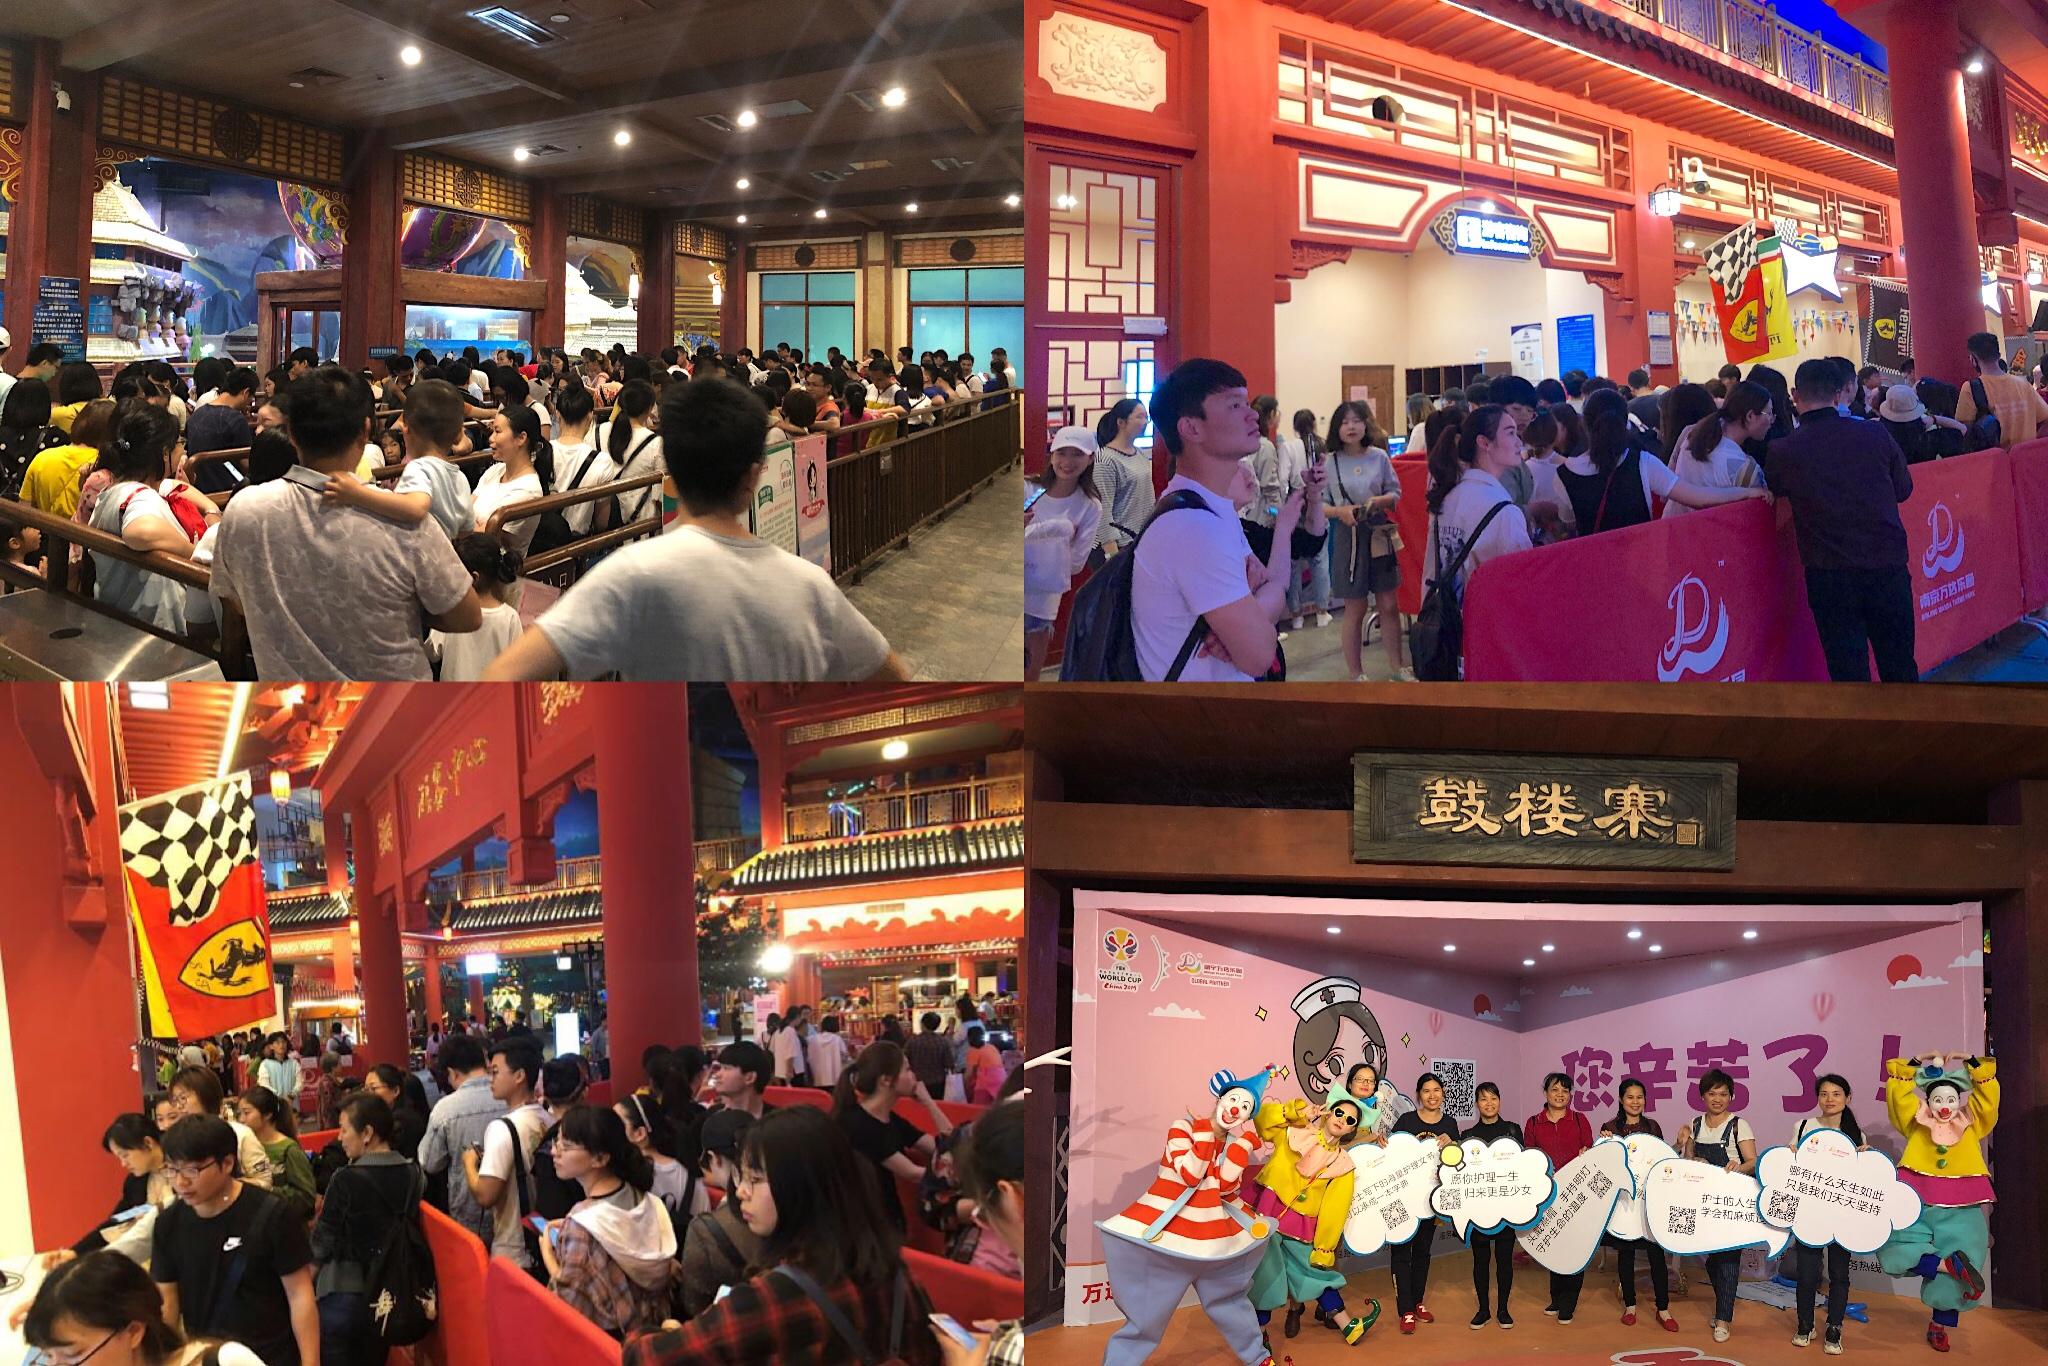 南京、南宁万达乐园举办国际护士节感恩活动